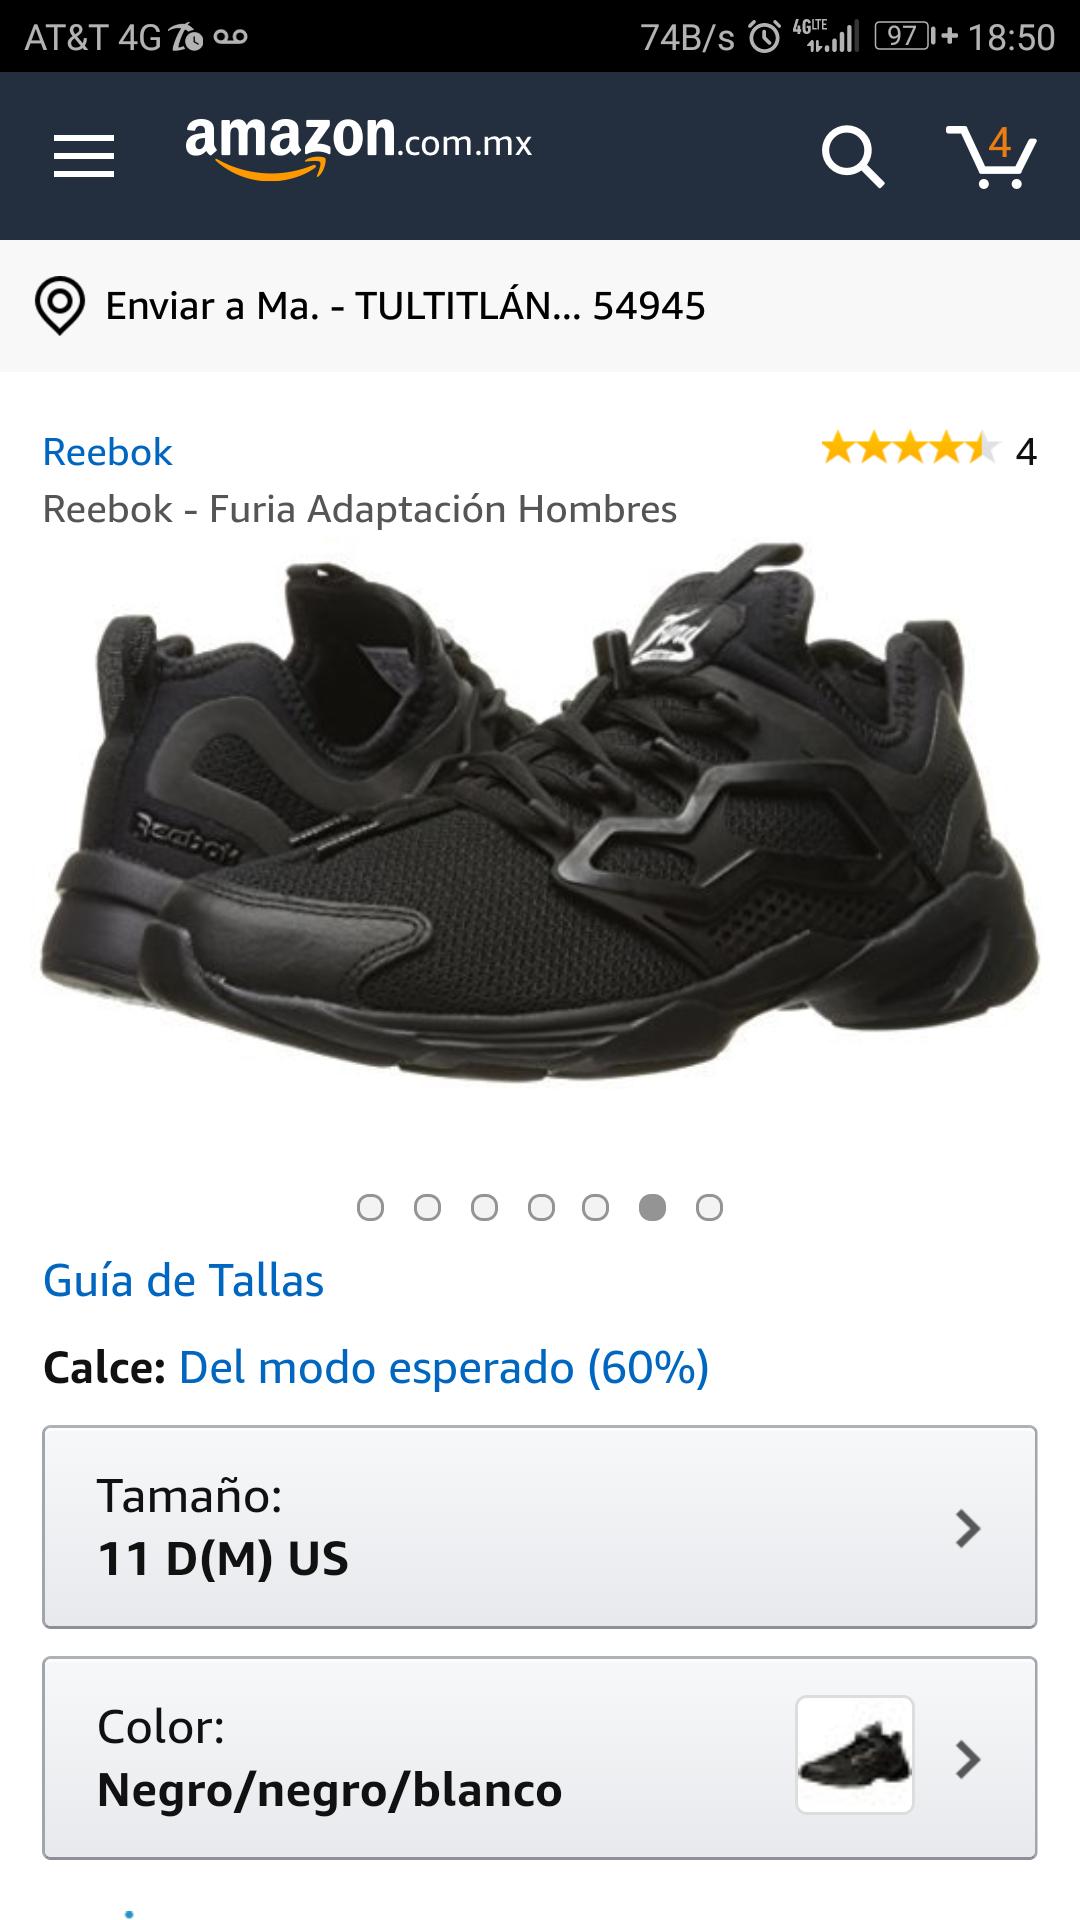 Amazon: Reebok Fury Adapt Negros del 9 en buen precio